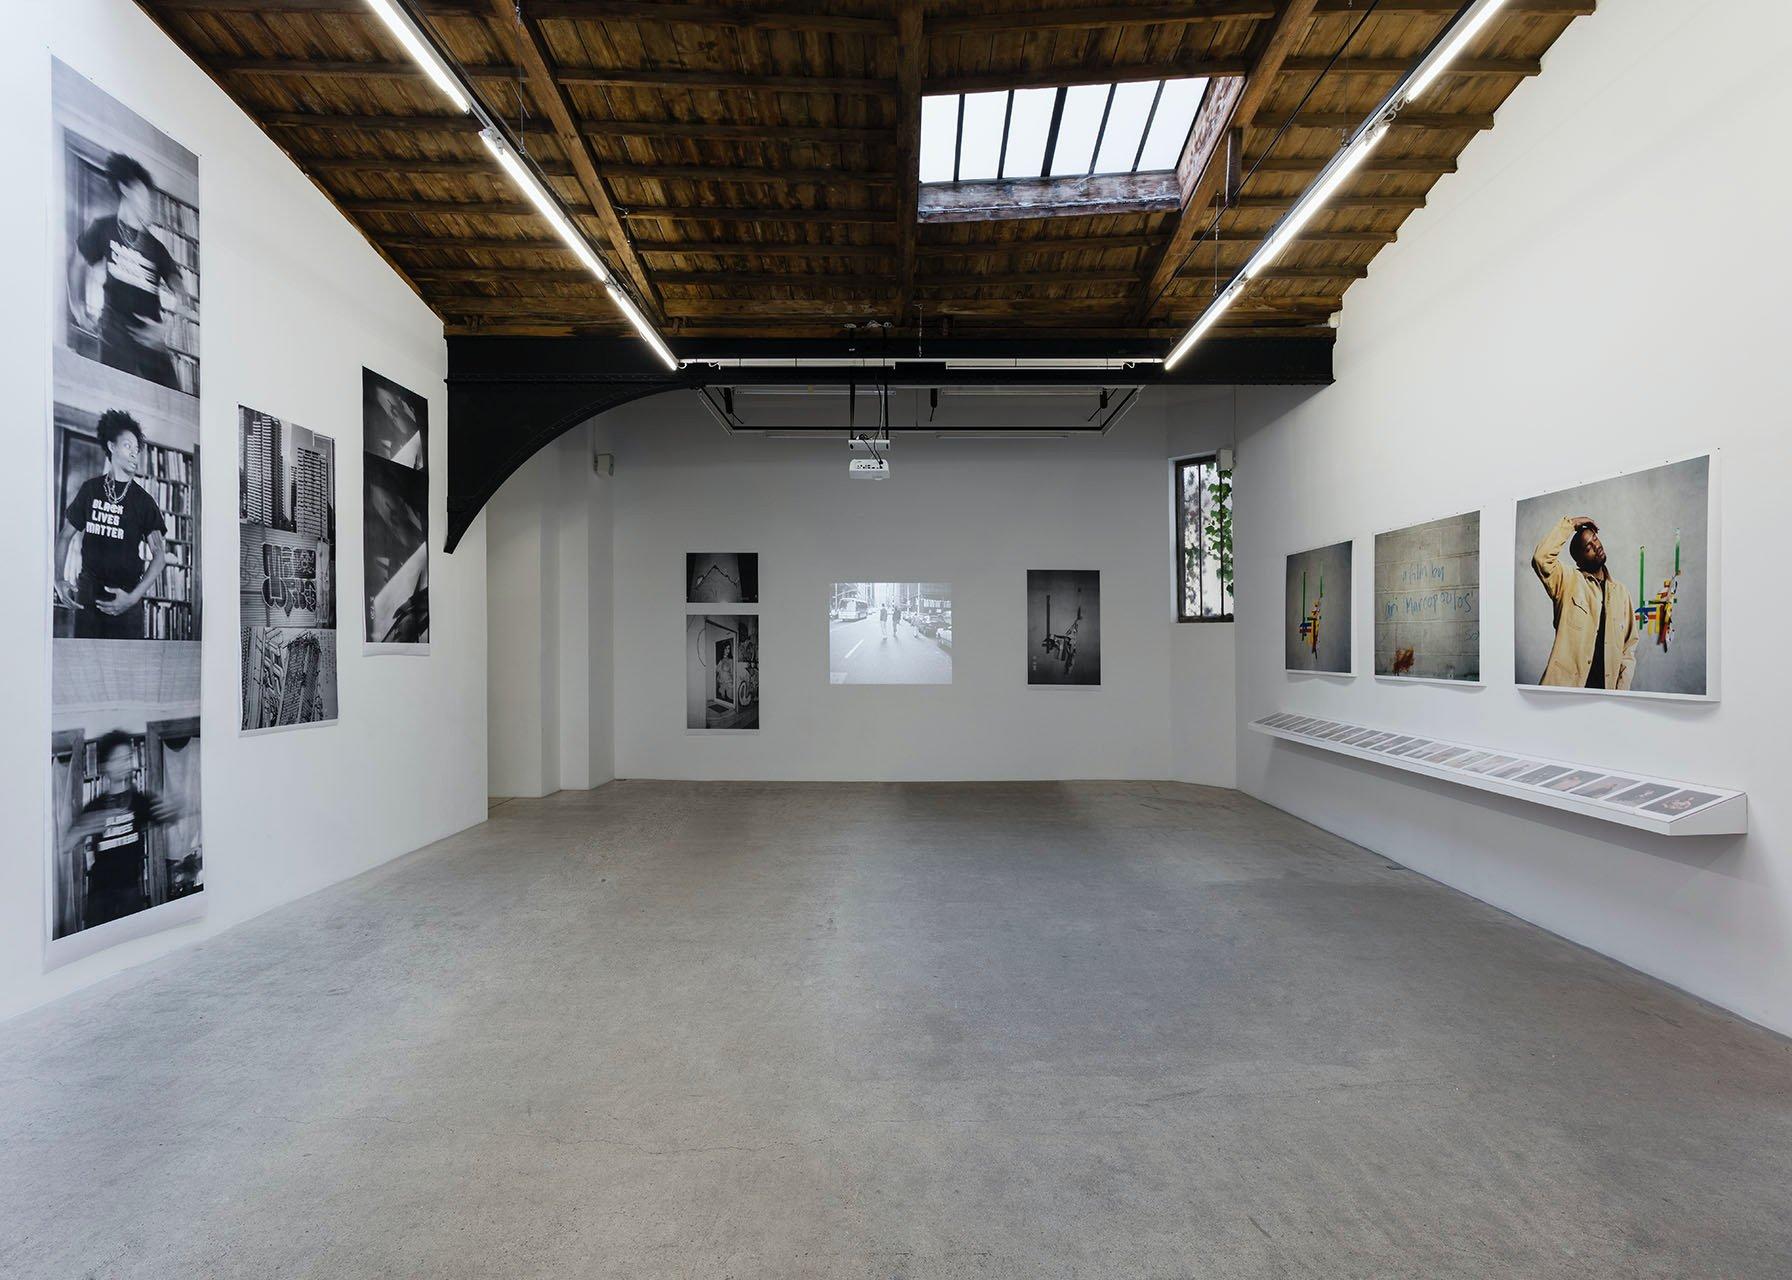 Galerie Frank Elbaz Ari Marcopoulos 1